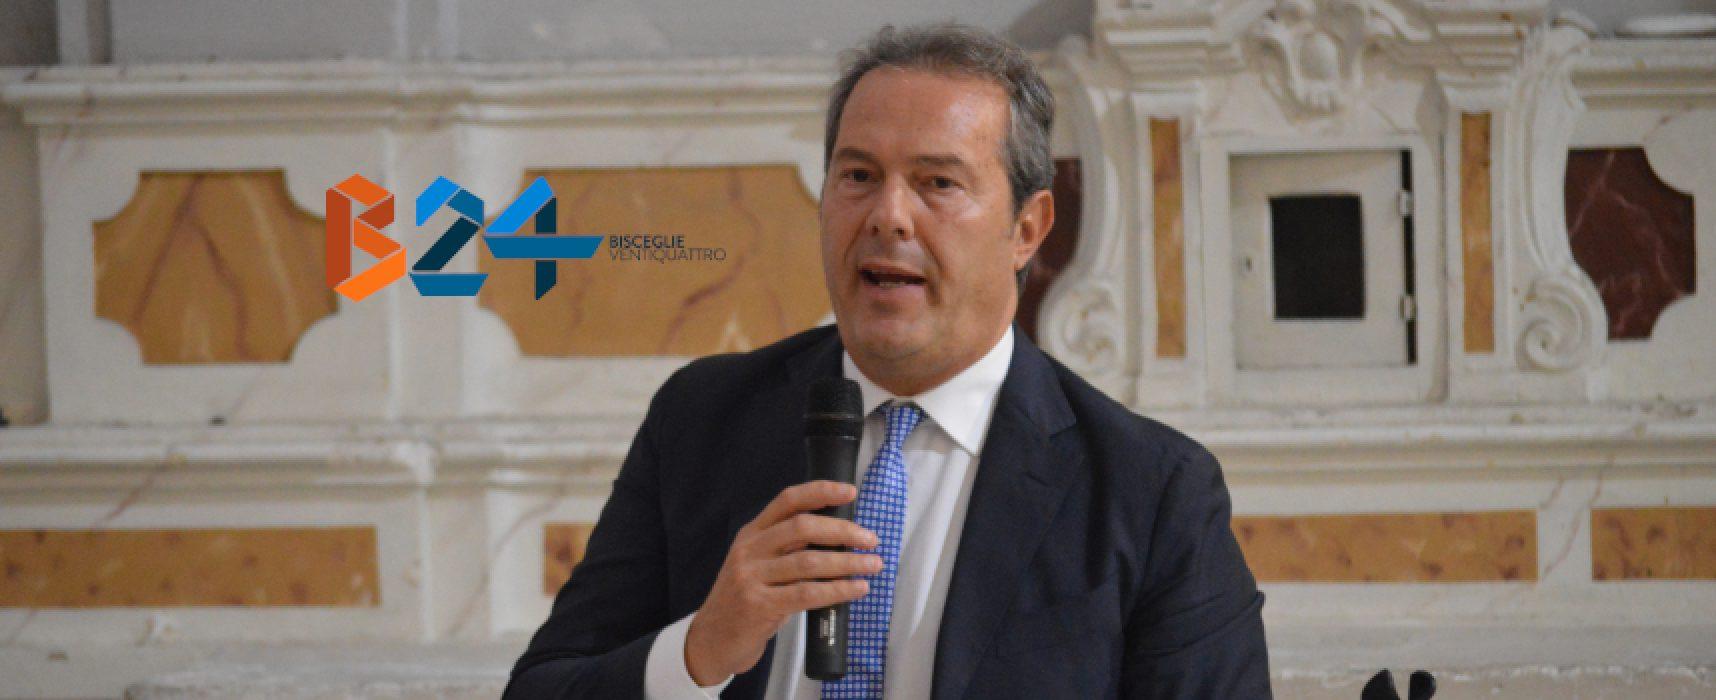 Chiusura Teatro Garibaldi, Francesco Spina presenta interrogazione consiliare urgente